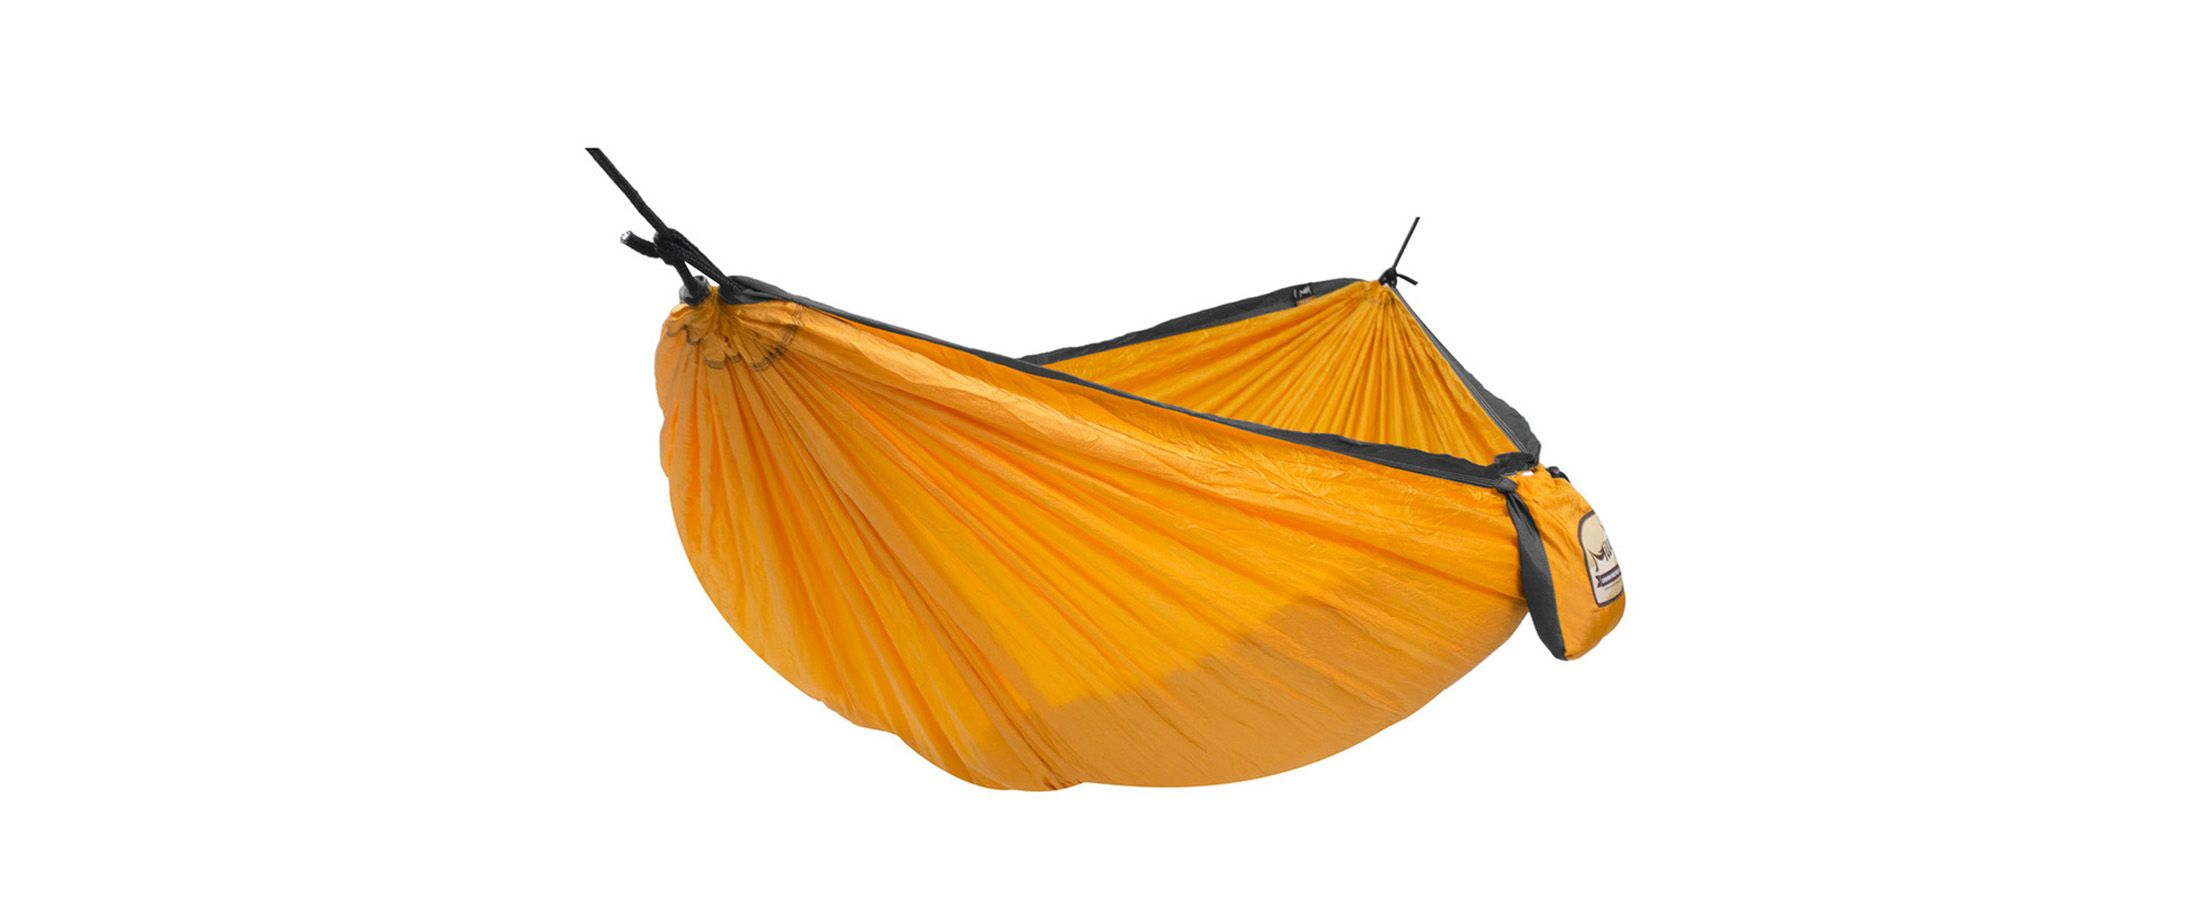 Одноместный гамак Voyager orange Модель 366Туристический одноместный гамак Voyager Модель 366. Артикул С000094<br>